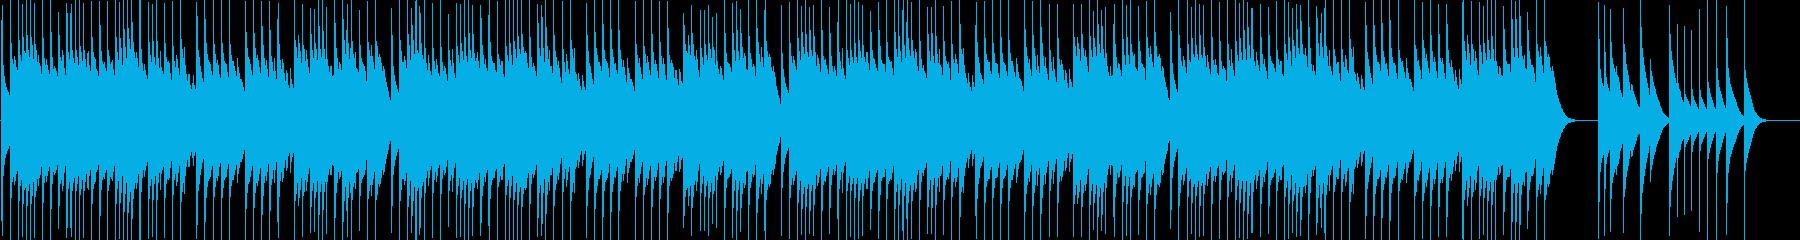 【オルゴール】クリスマス曲Wewish3の再生済みの波形